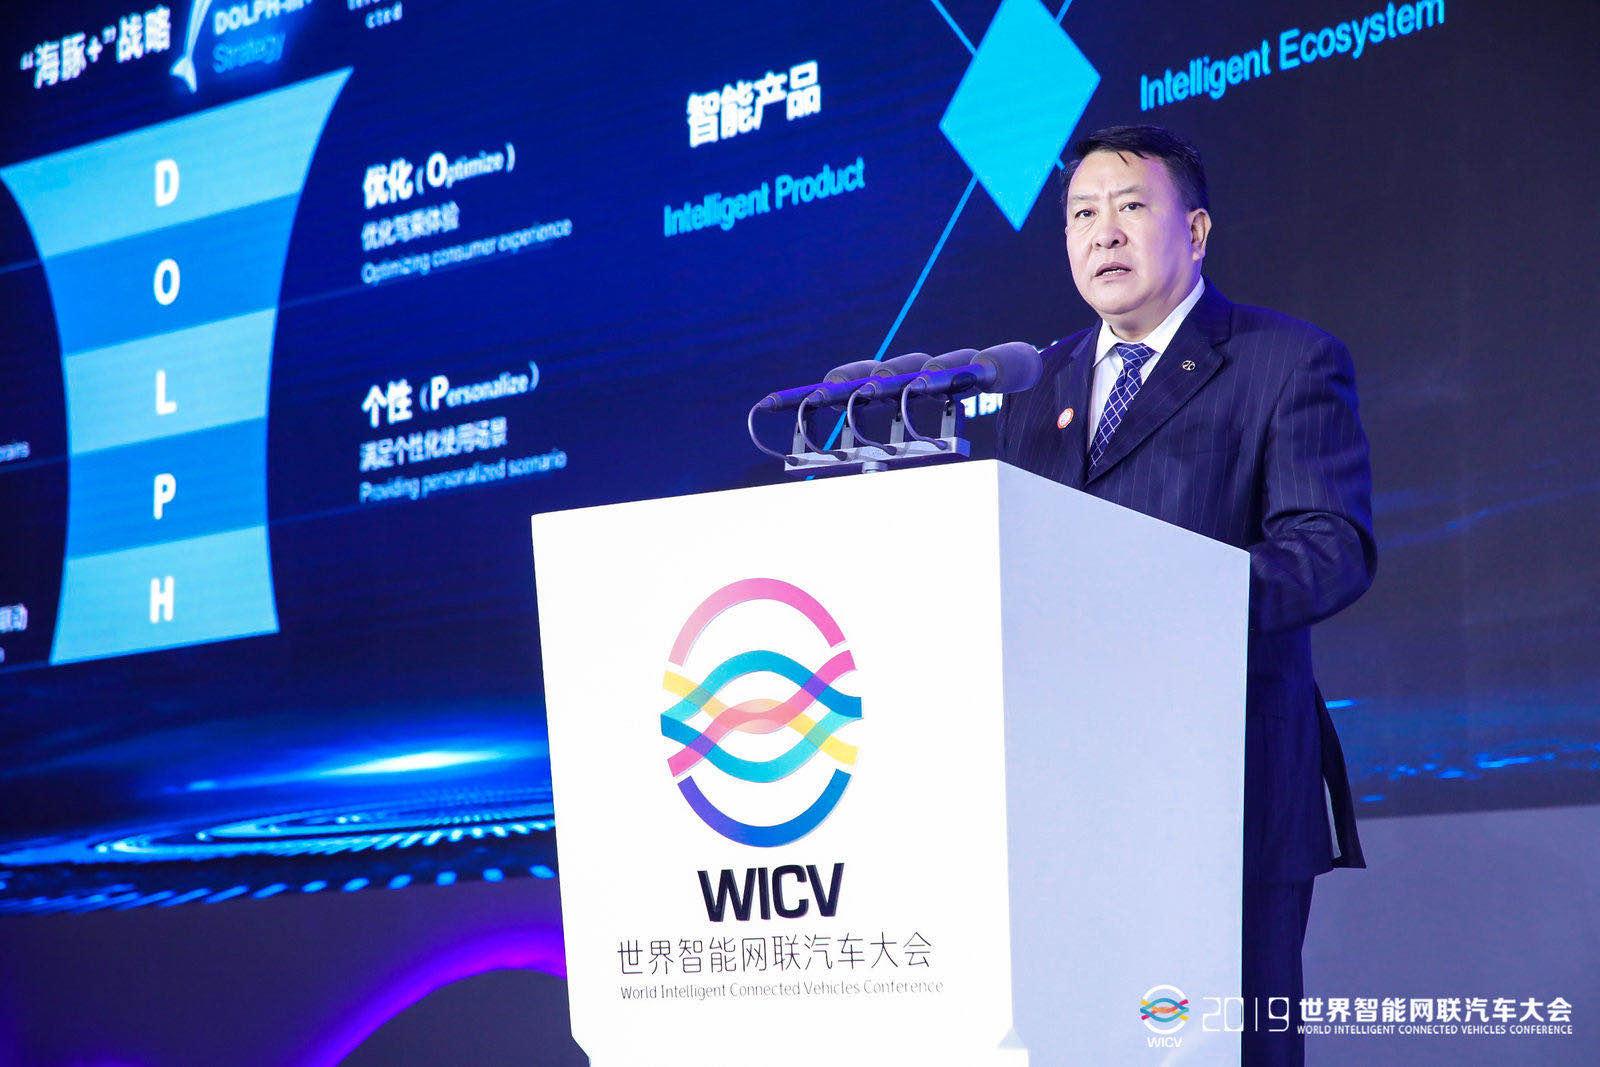 北汽董事长徐和谊:海豚+战略已经取得阶段性成果